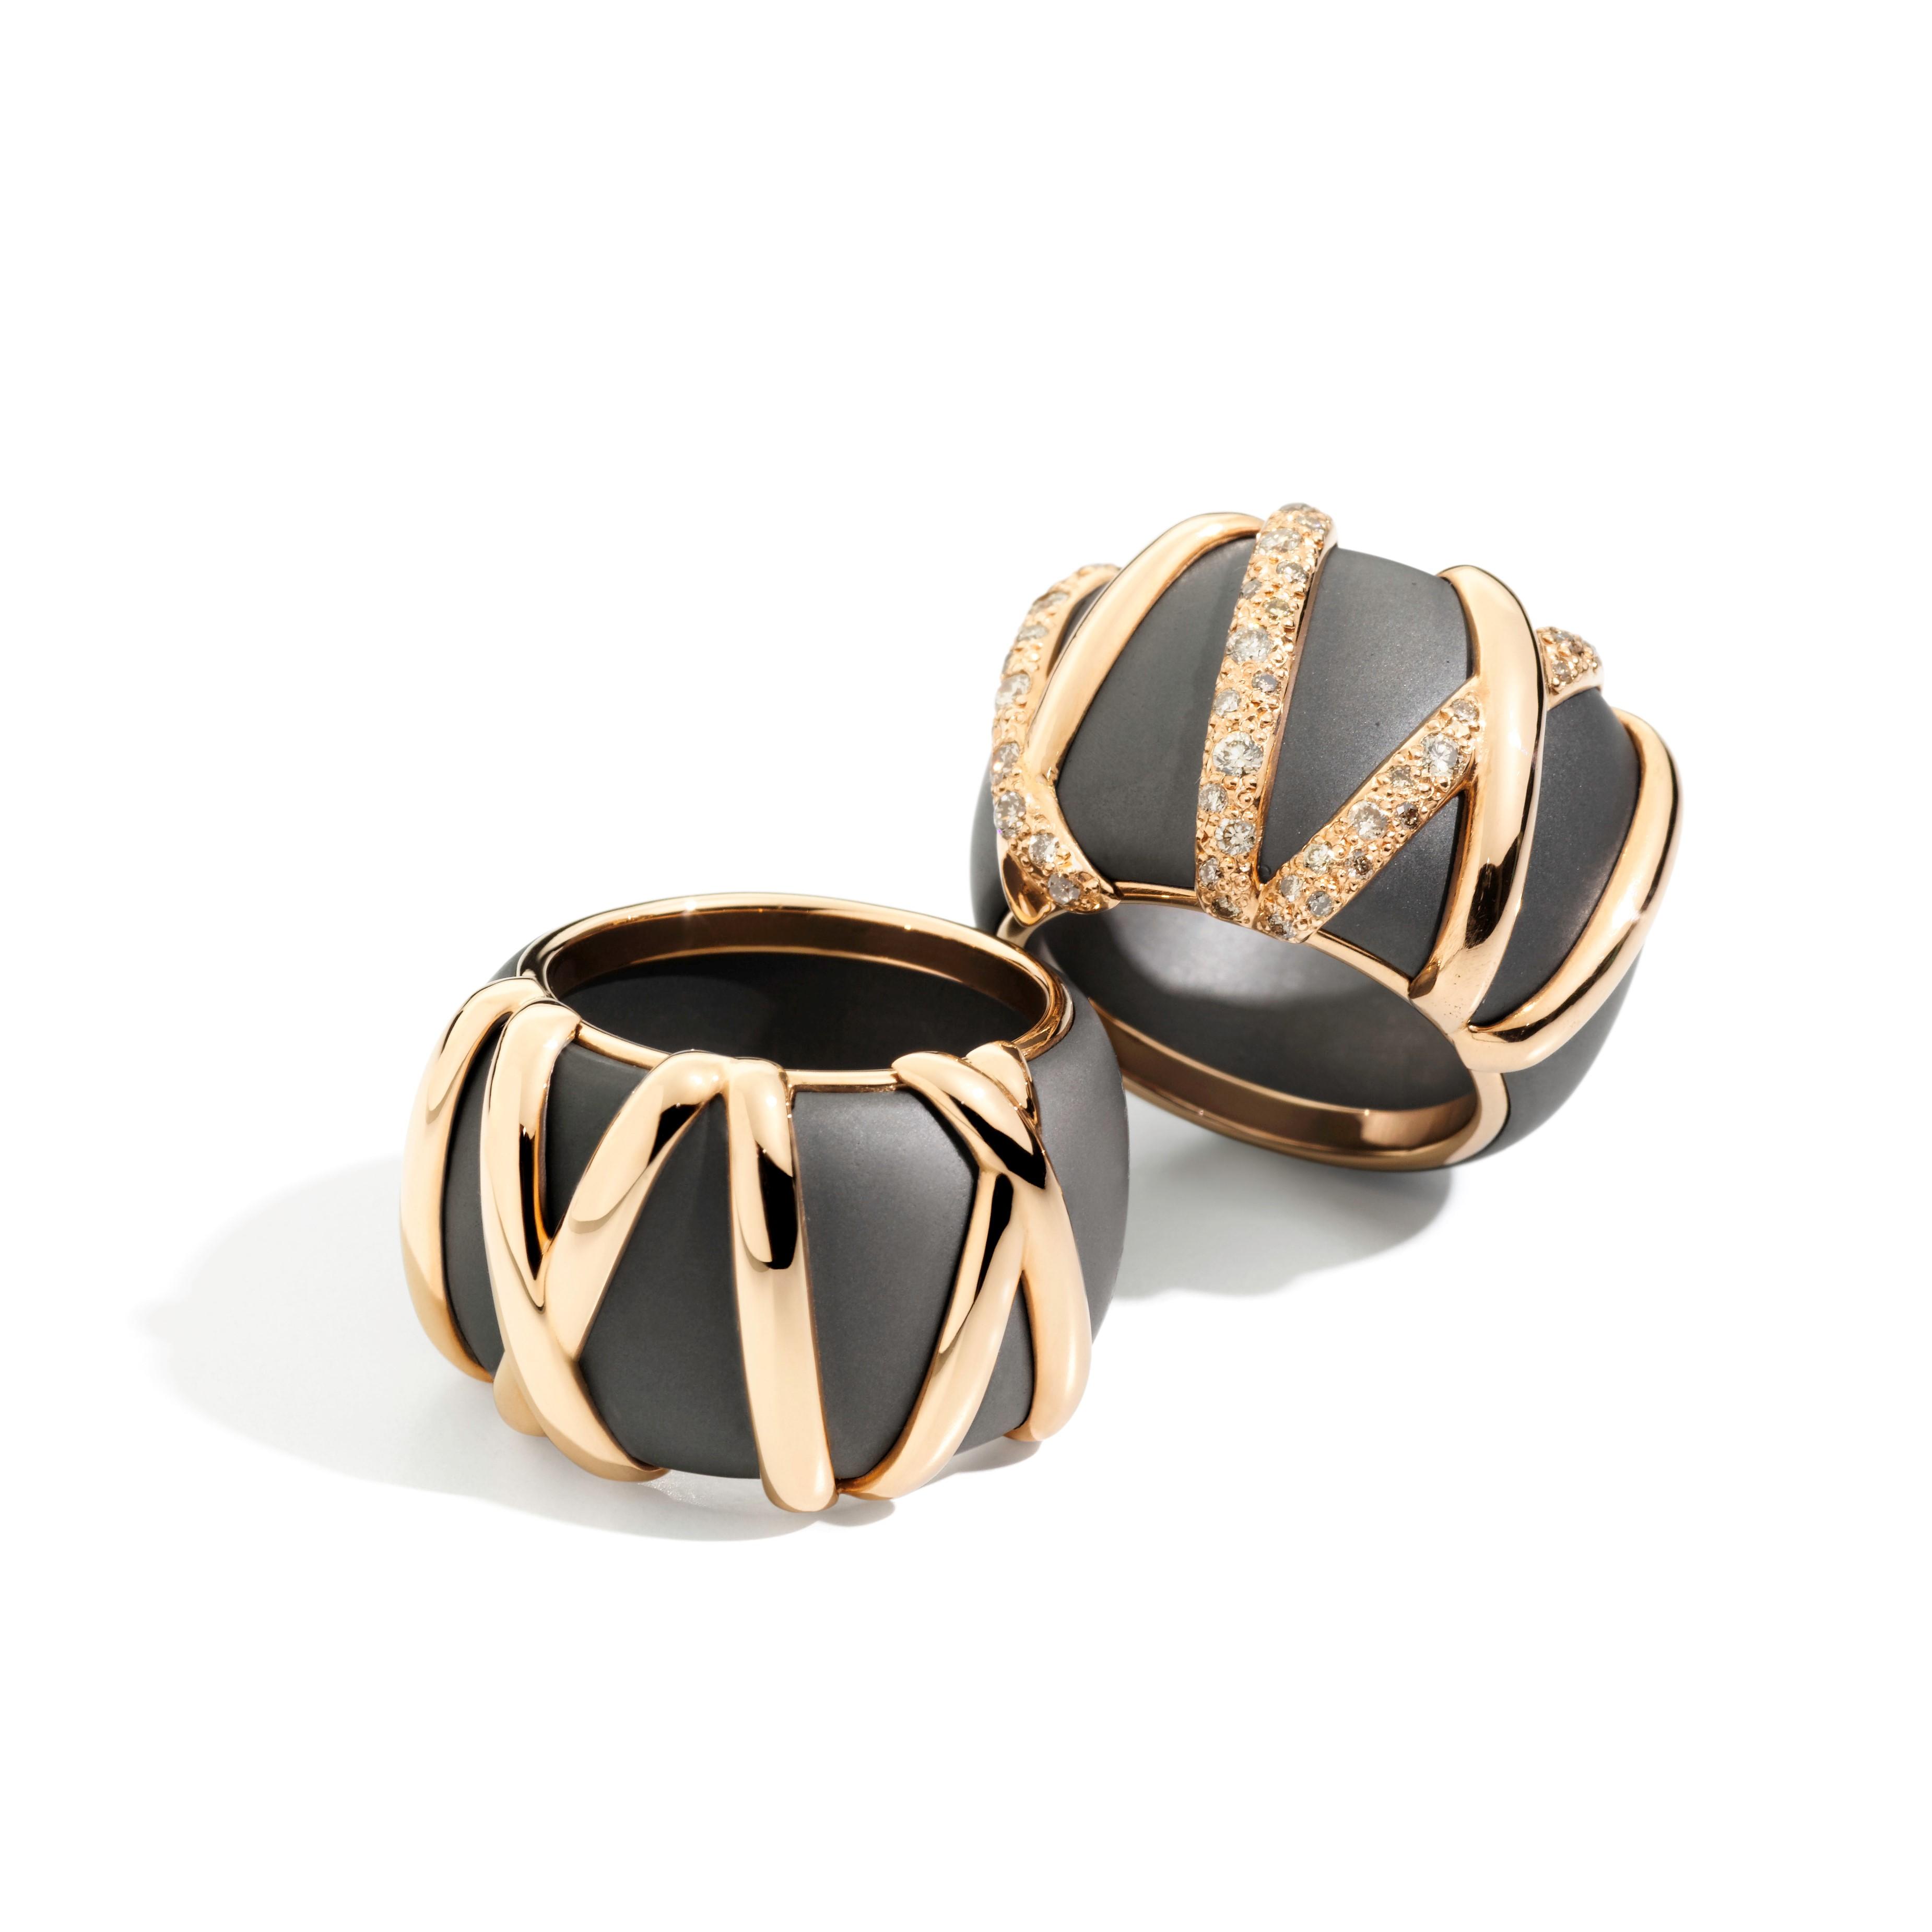 Titanio rings by Pomellato